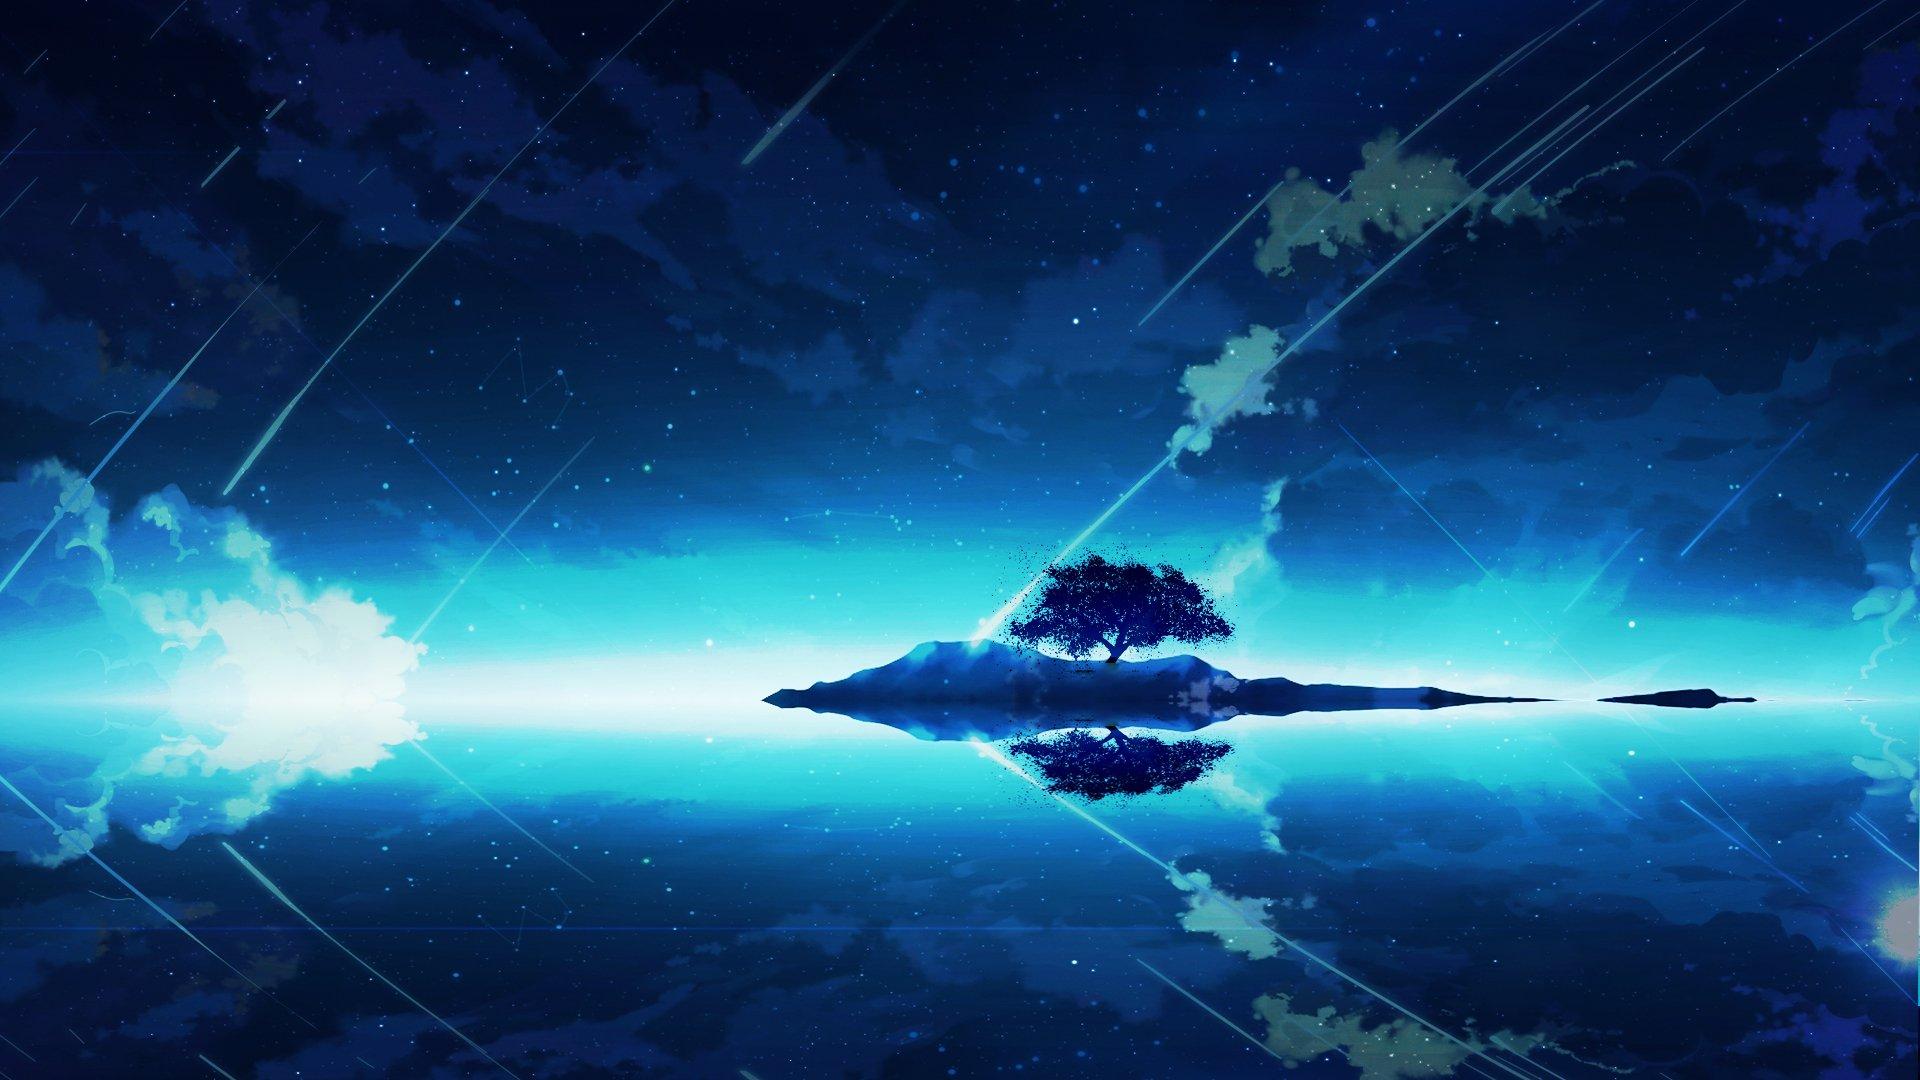 Anime - Original  Blue Wallpaper